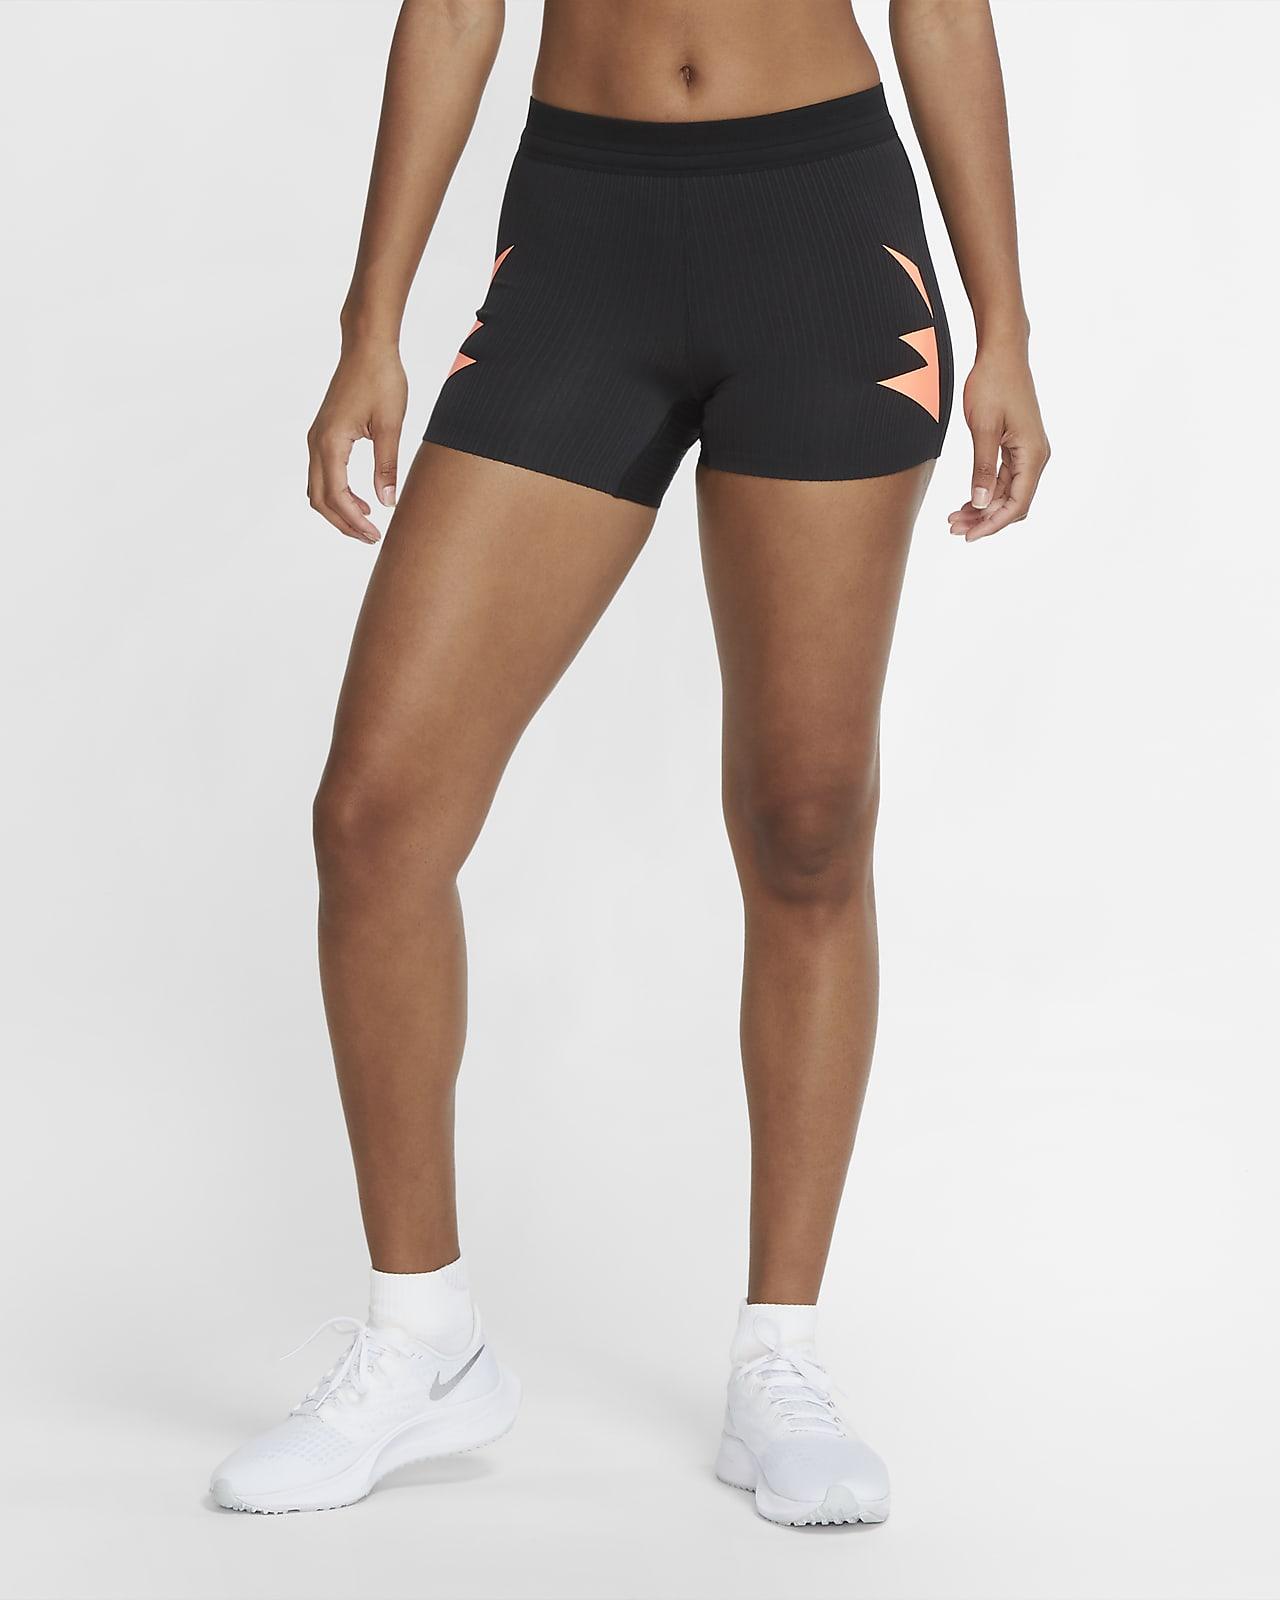 Nike AeroSwift Berlin Sıkı Kesimli Kadın Koşu Şortu